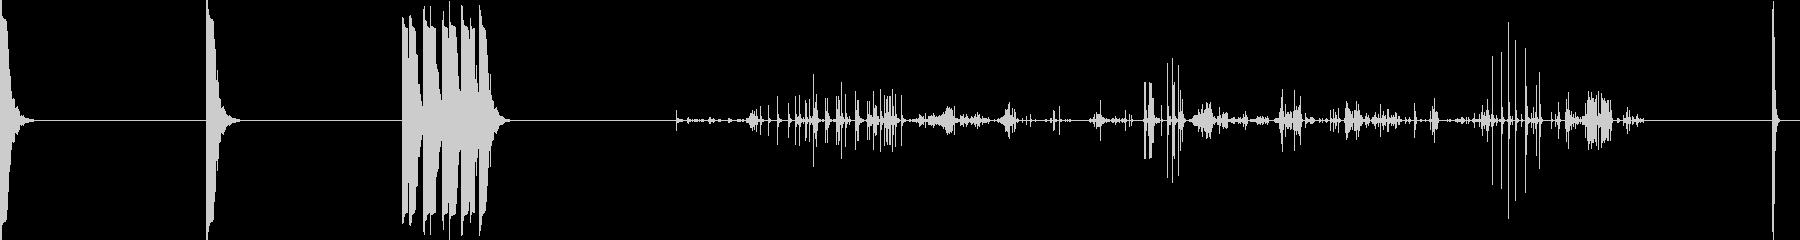 風船の音、5つのバージョン。 DI...の未再生の波形